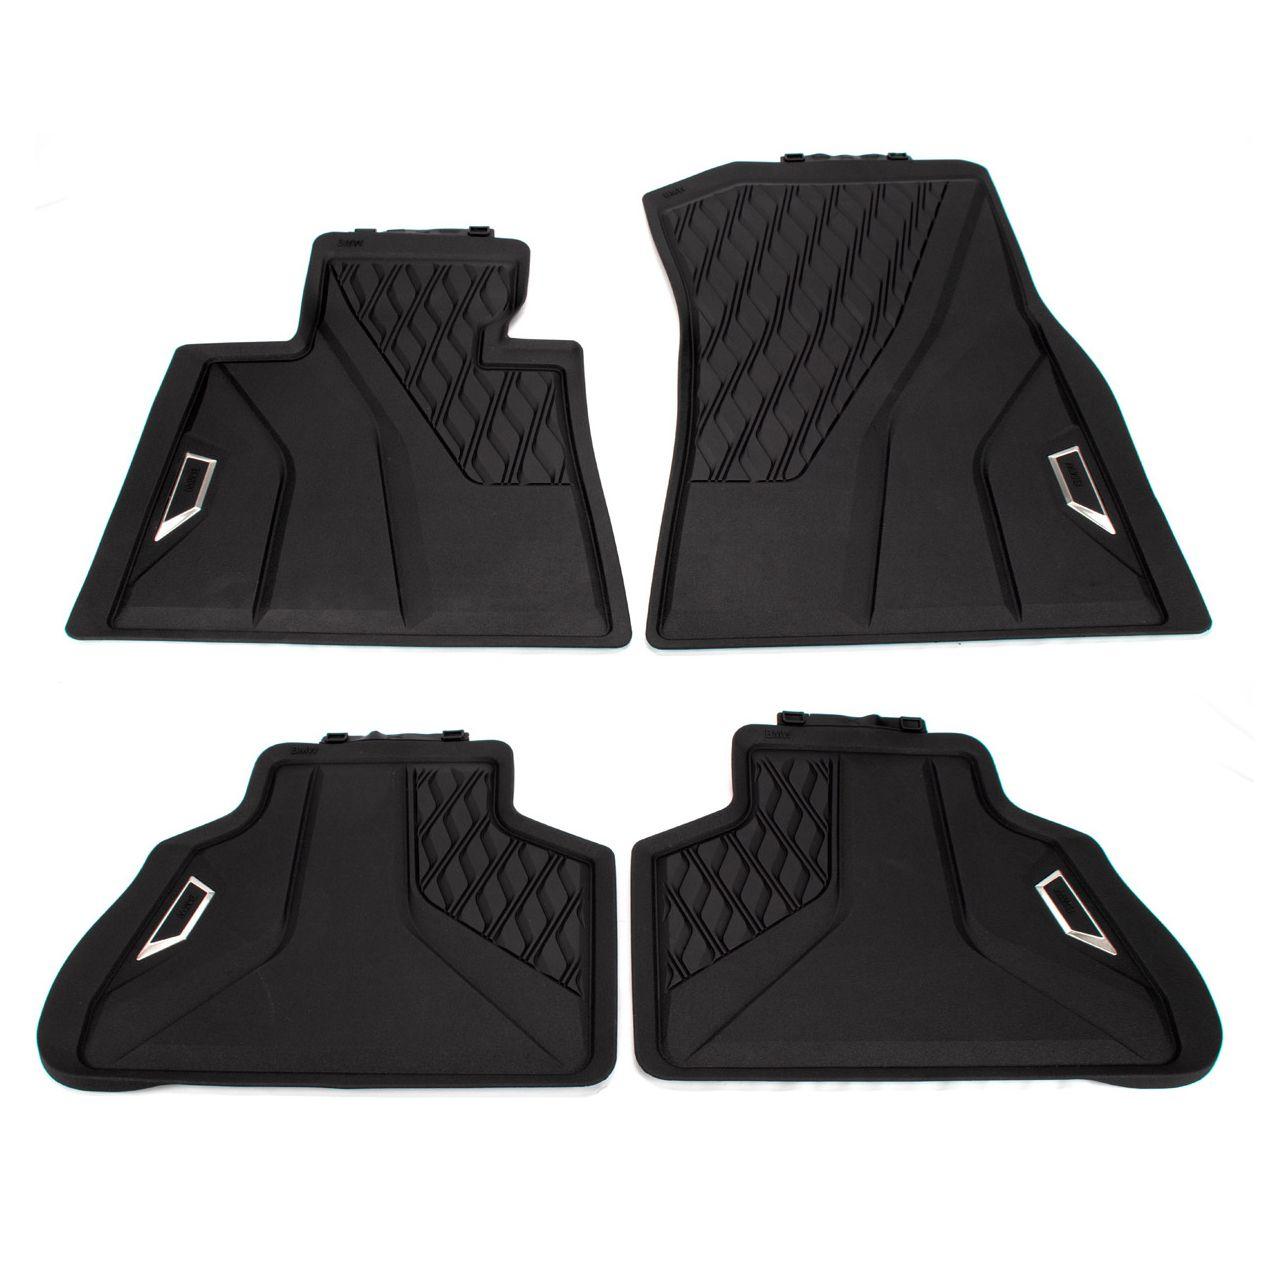 ORIGINAL BMW Gummimatten Fußmatten Automatten Set X5 G05 F95 vorne + hinten